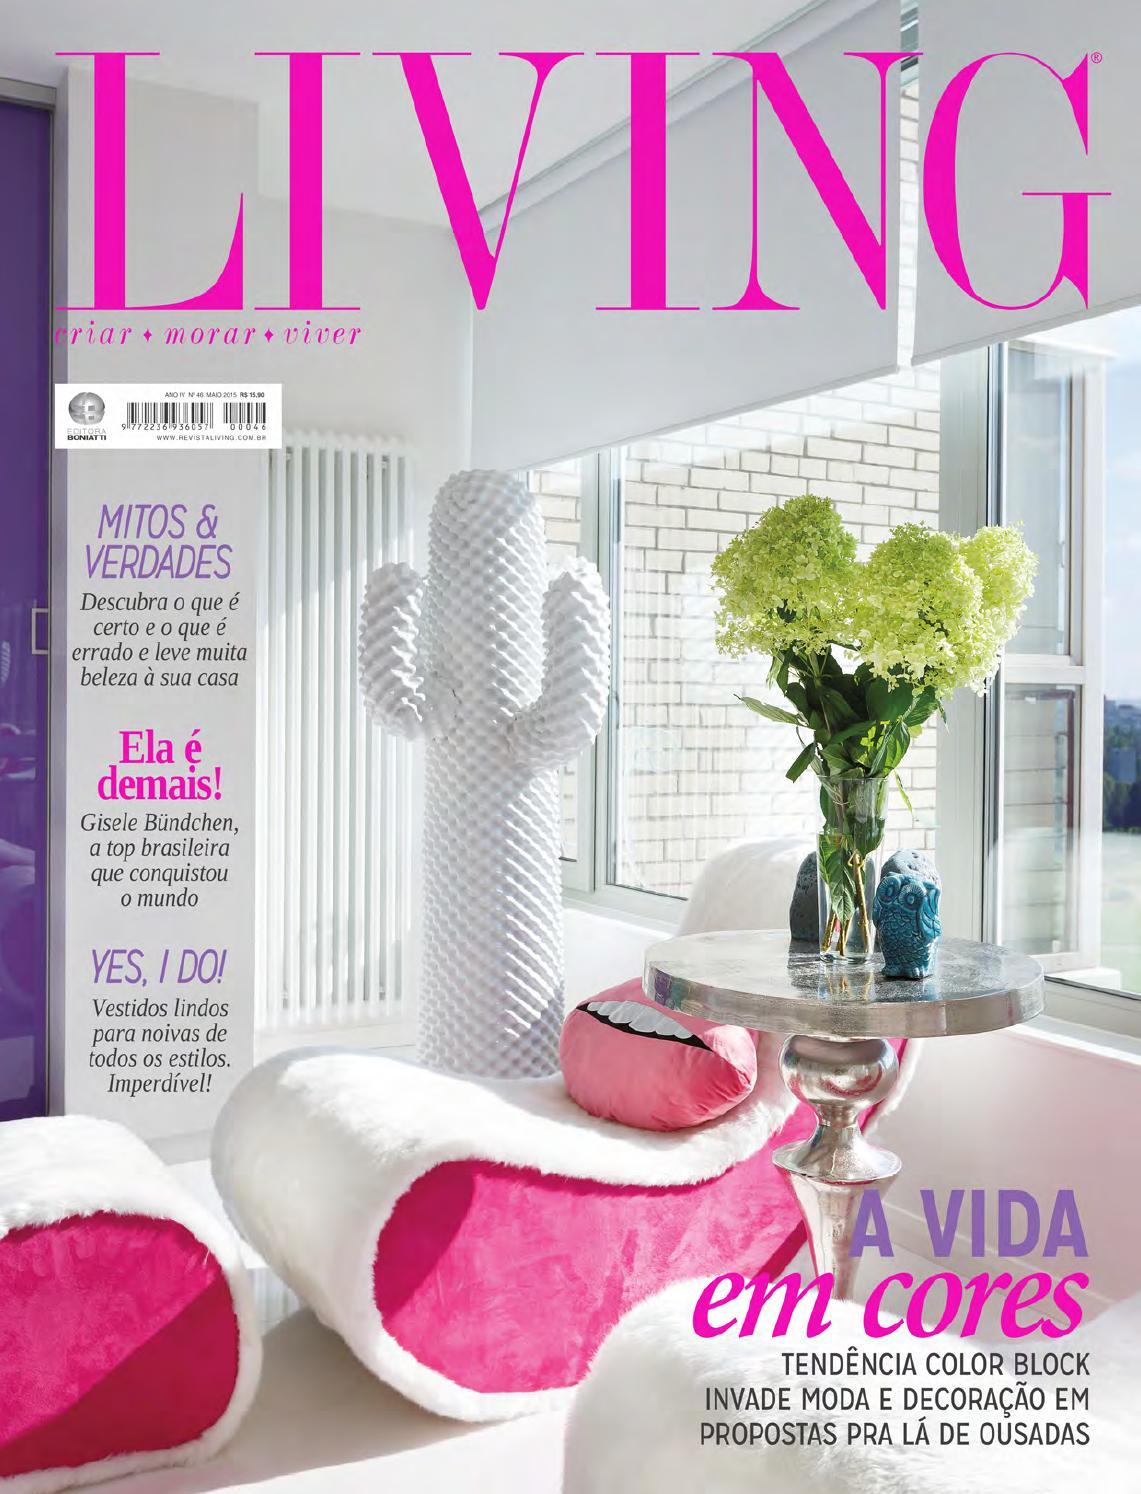 c463f66c23ffe Revista Living - Edição nº46 - Maio de 2015 by Revista Living - issuu